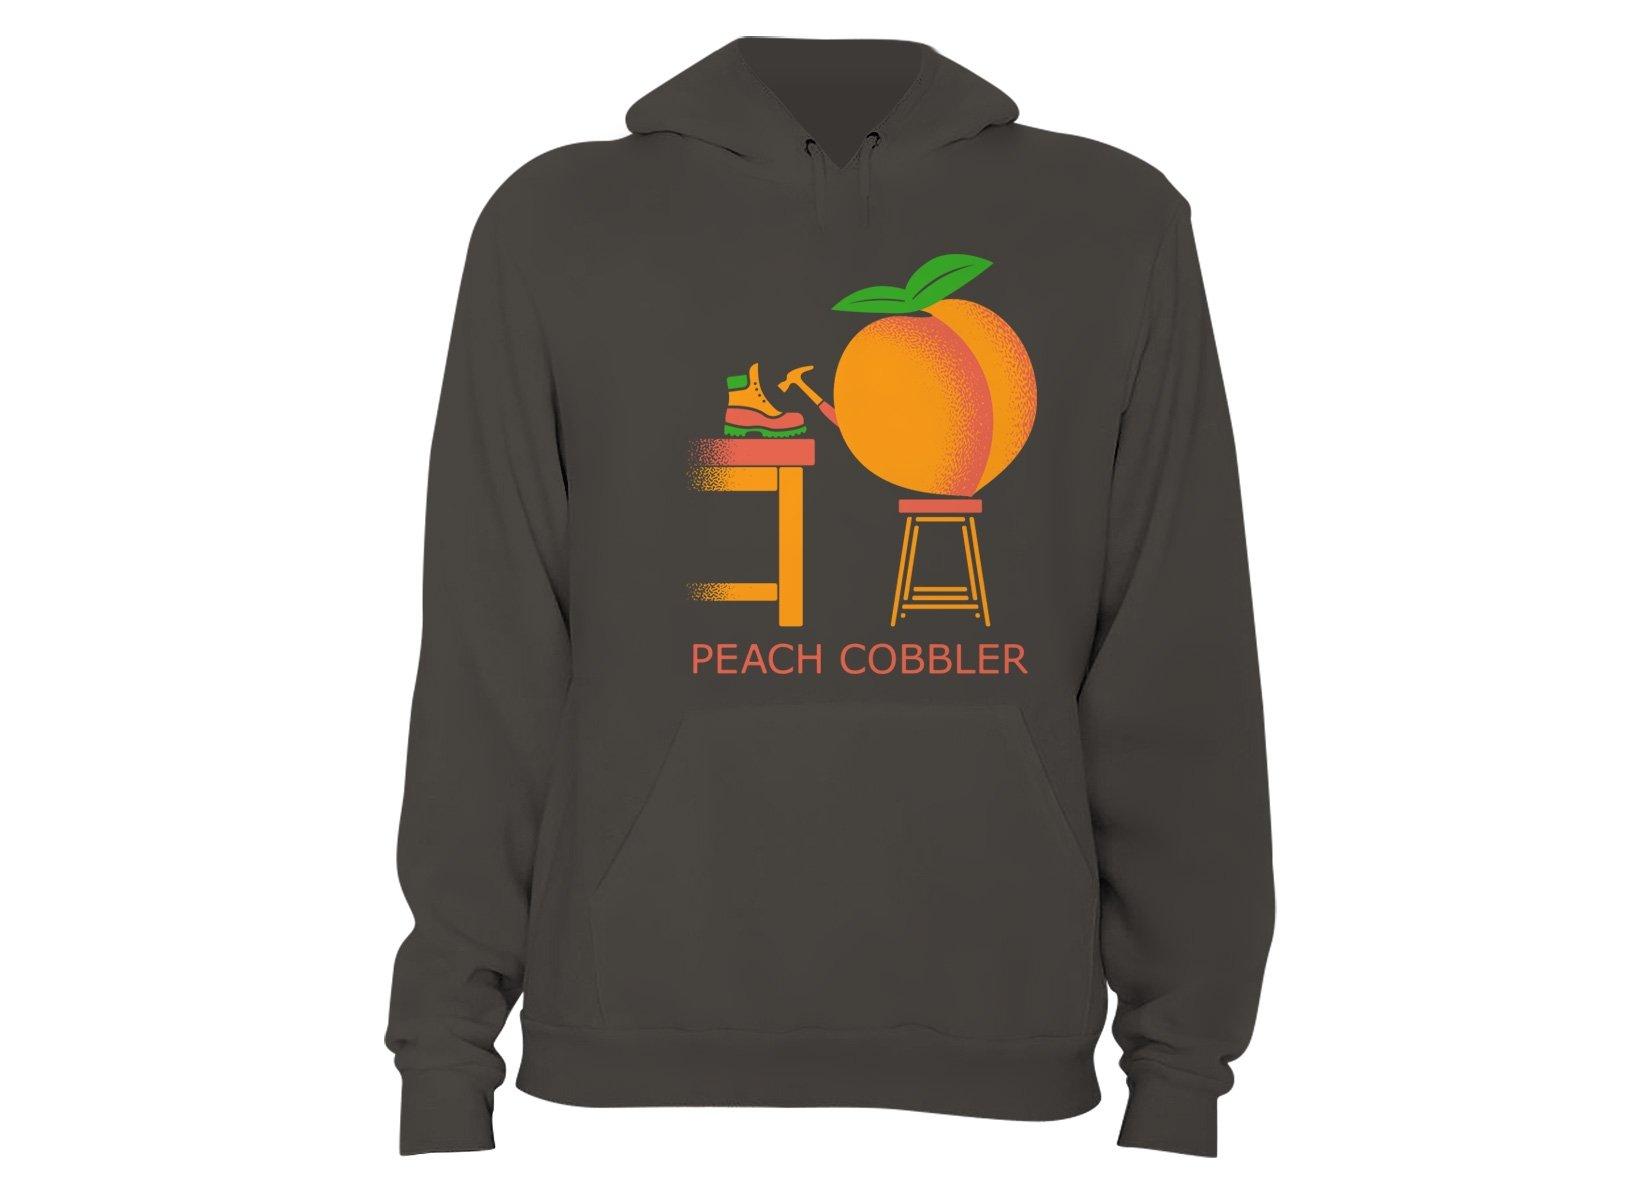 Peach Cobbler on Hoodie